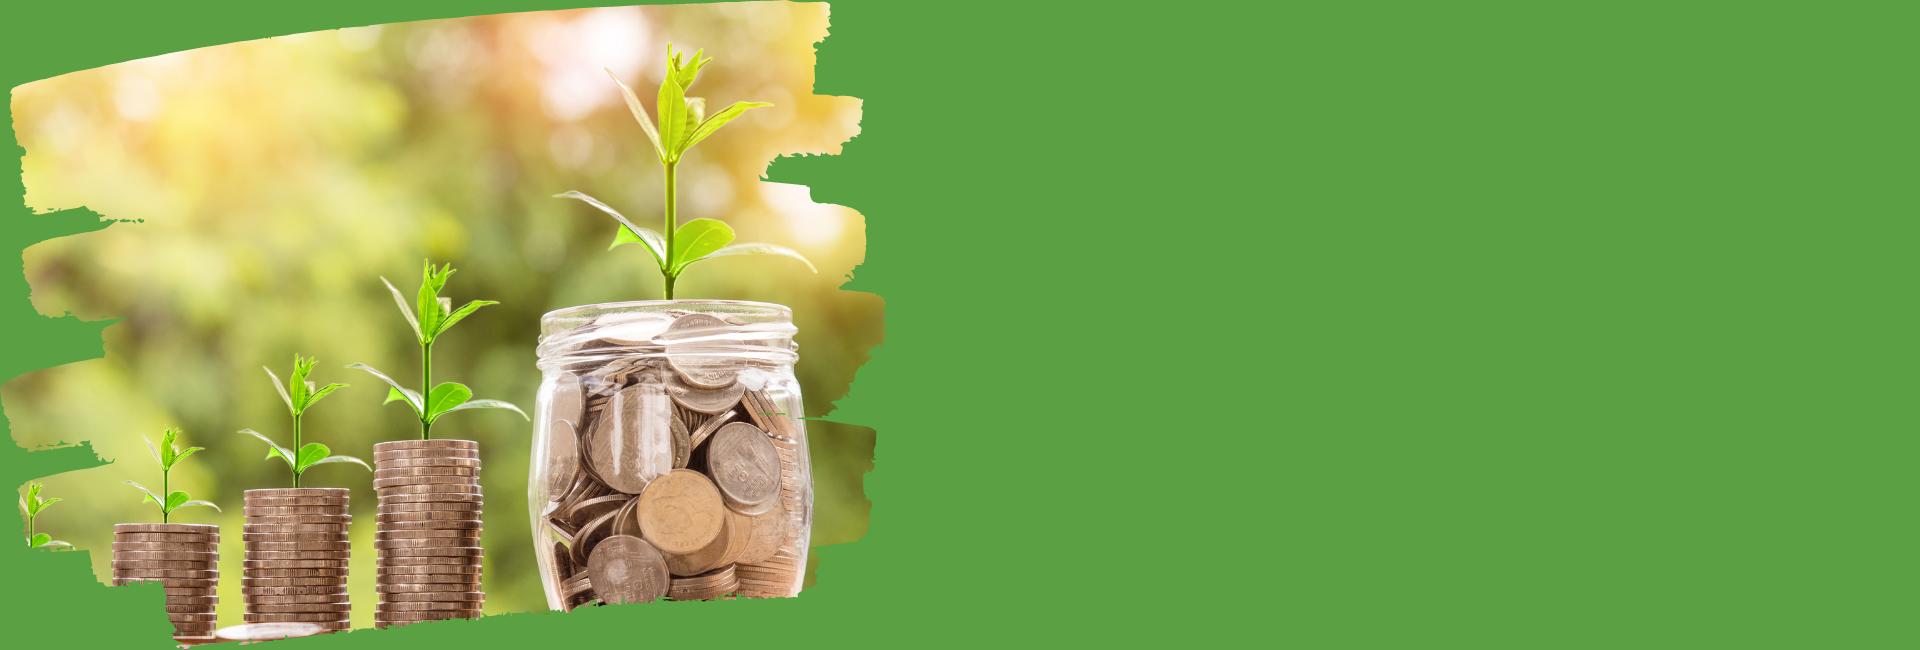 home - waarom duurzaam beleggen